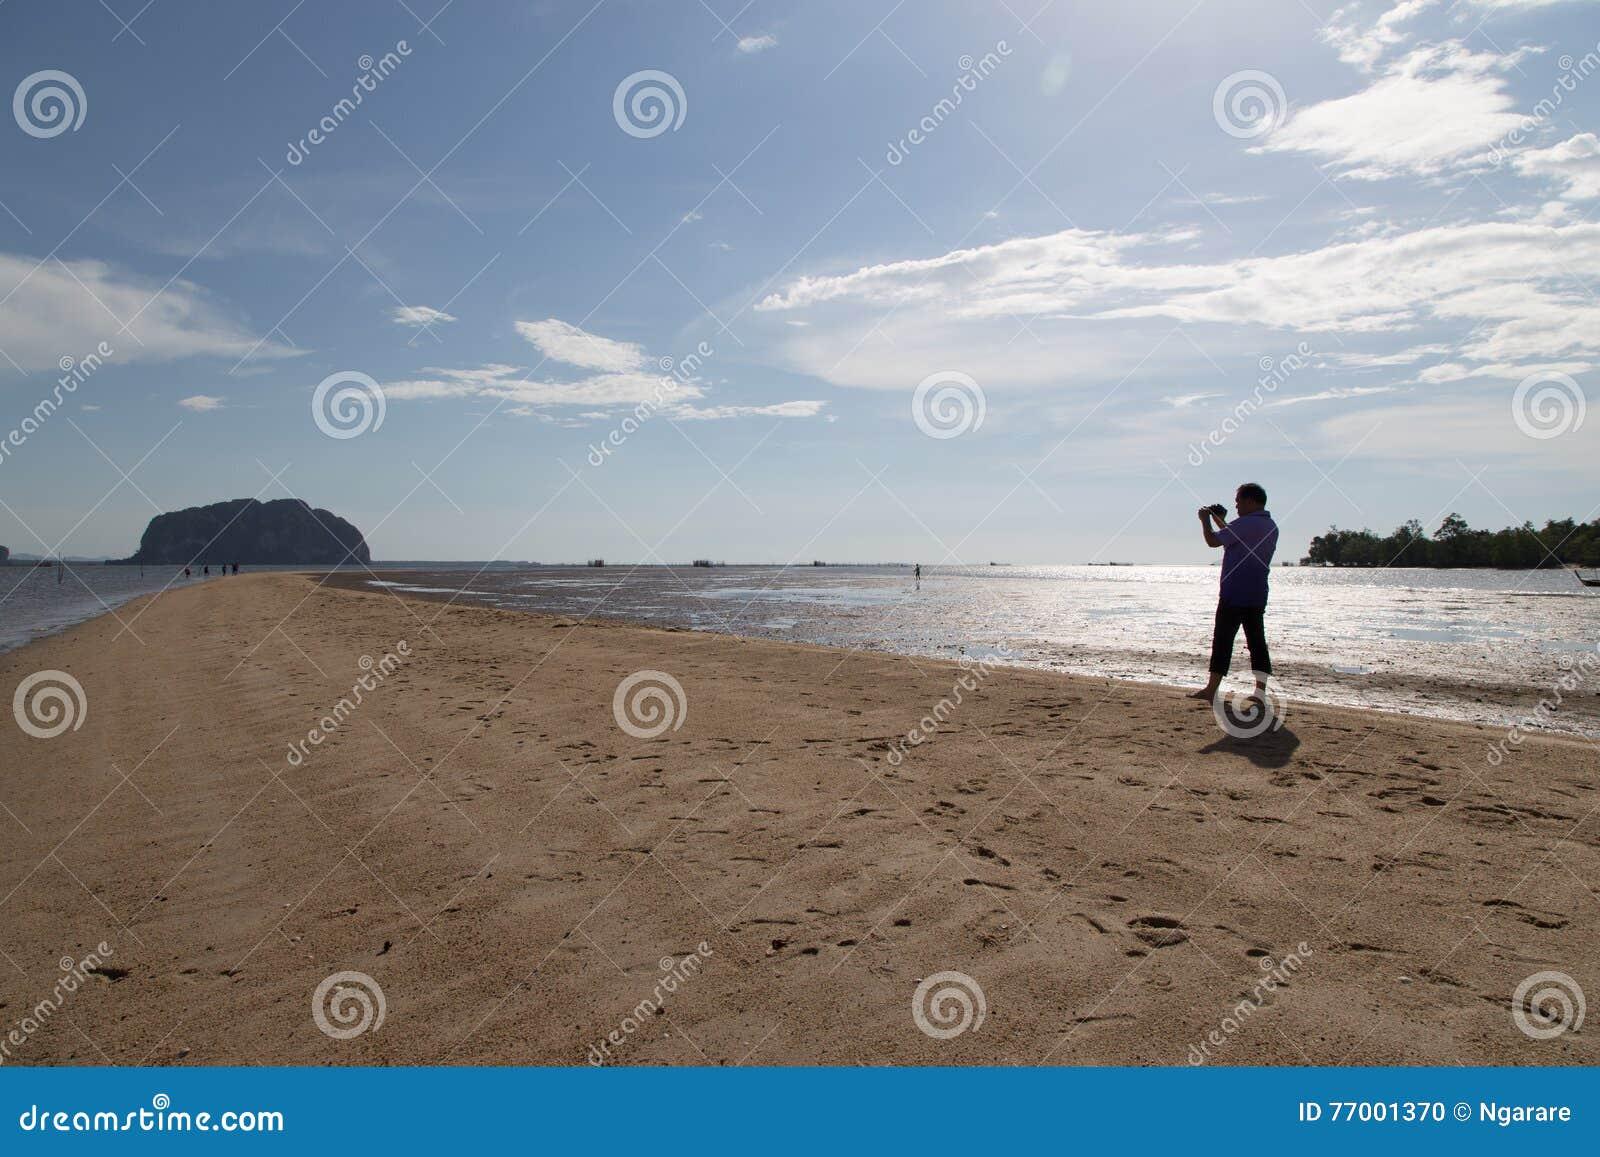 Escala dourada video Dragon Spine Beach do repórter da notícia em Palian de